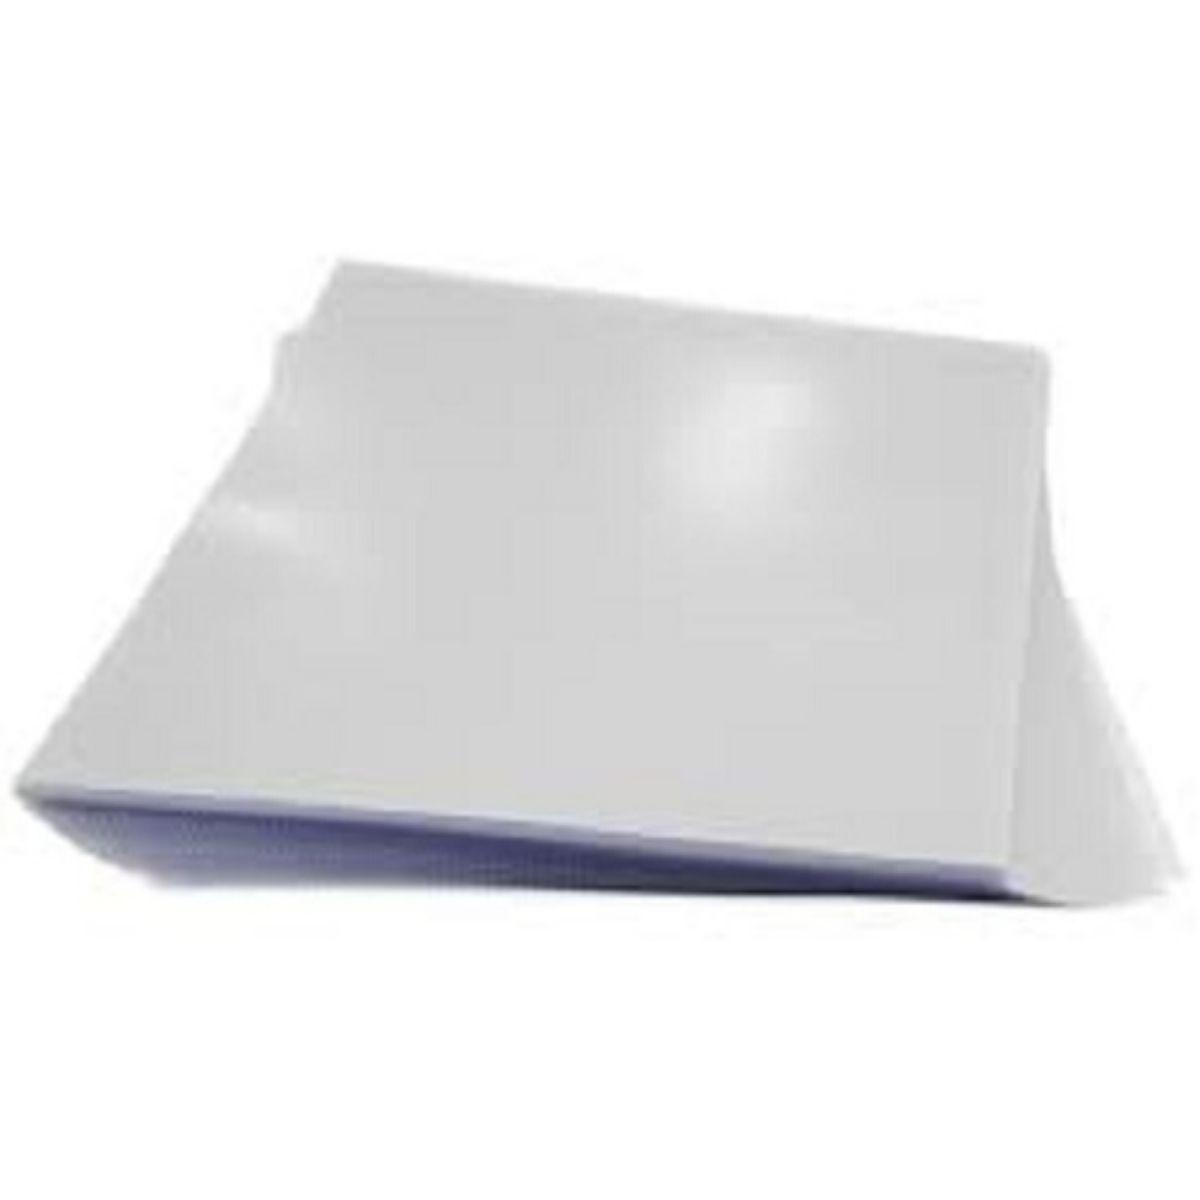 Capa para Encadernação PP 0,30mm A4 Branca Couro (Fundo) - Pacote com 100 unidades  - Click Suprimentos